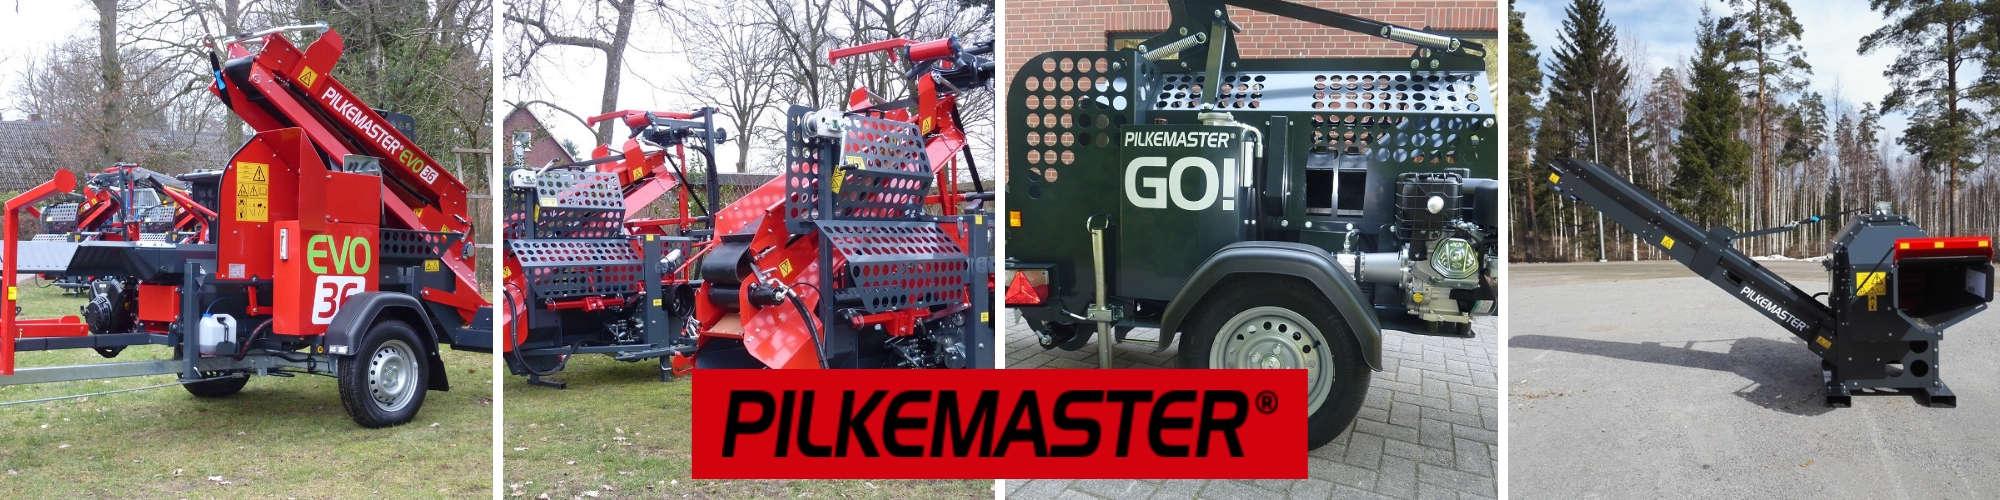 Säge-Spalt-Automaten von PILKEMASTER® bei Forsttechnik Könemann GmbH